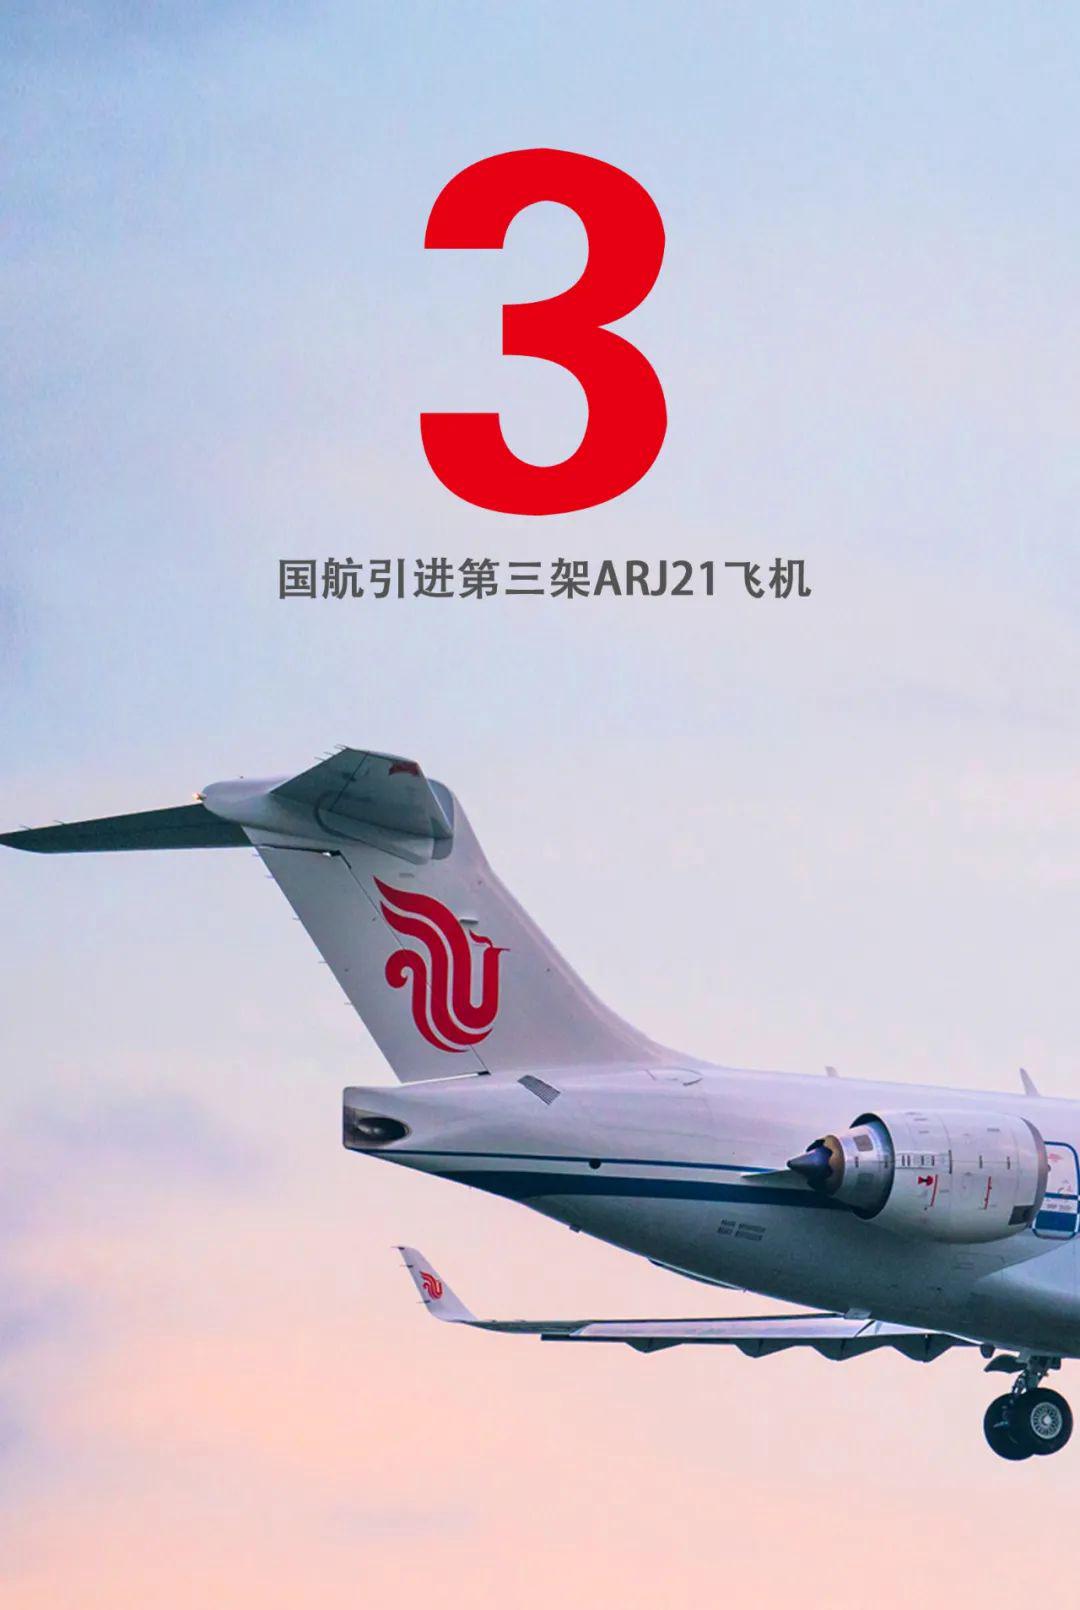 中国商飞向国航交付第三架ARJ21飞机,从浦东机场起飞